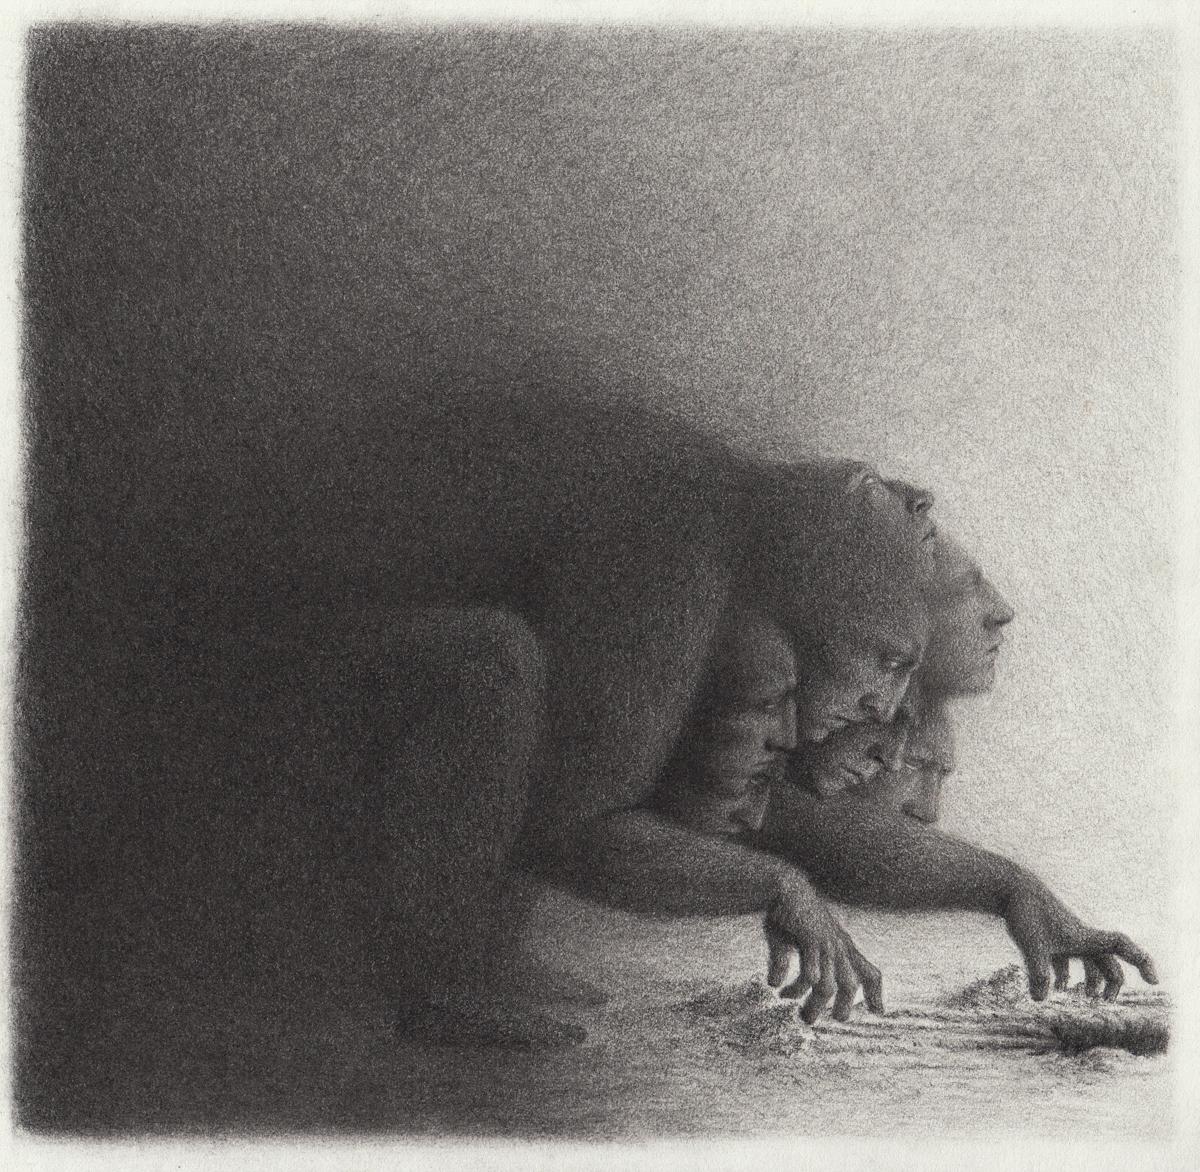 Les illustrations de David Alvarez reflètent l'intersection du fantastique et de la réalité 6